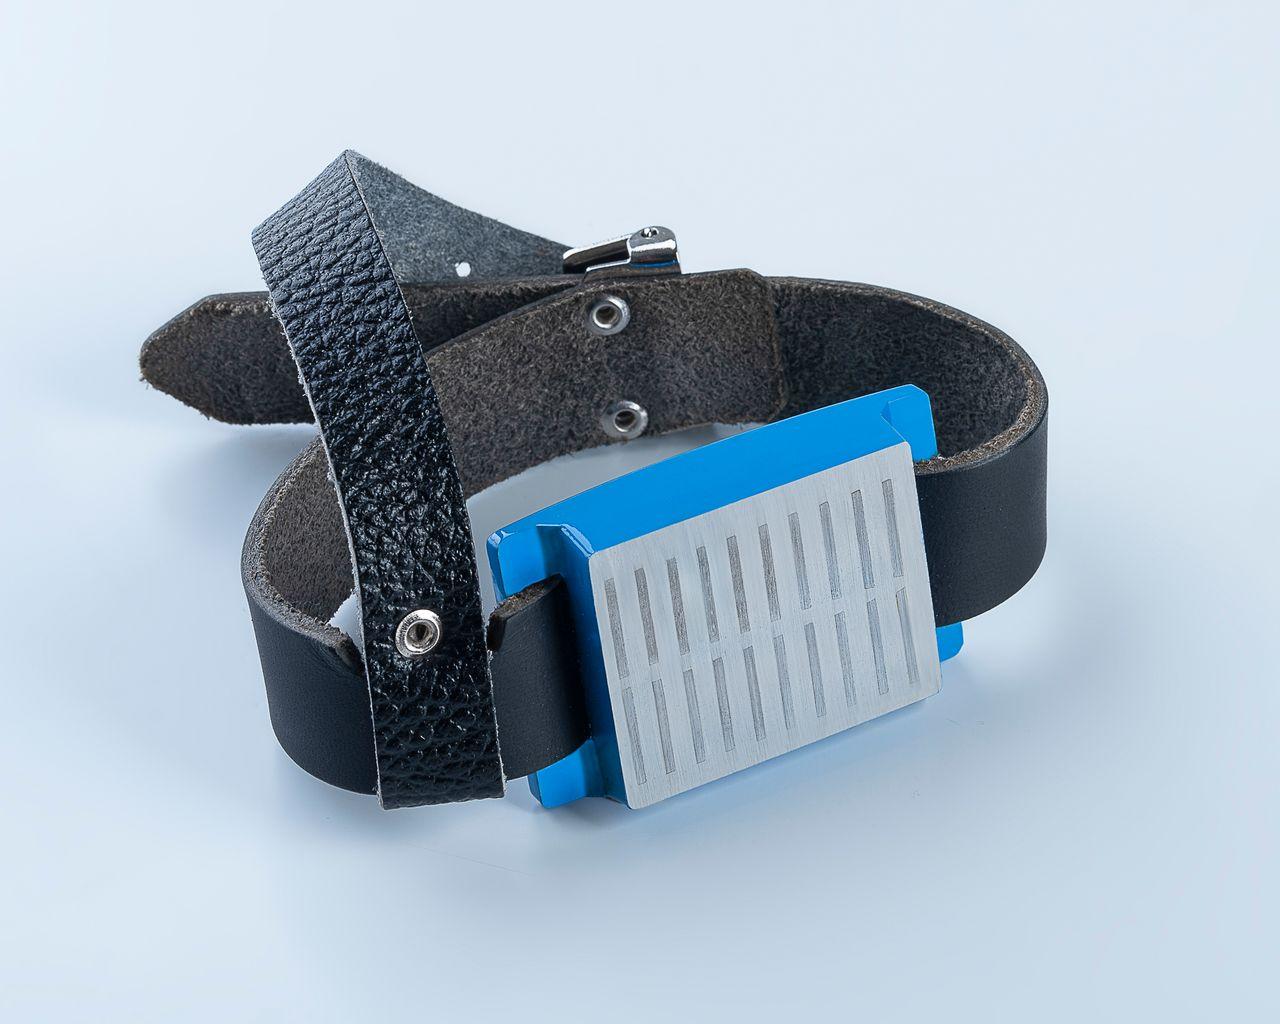 Handentstapler, thyssenkrupp Magnettechnik